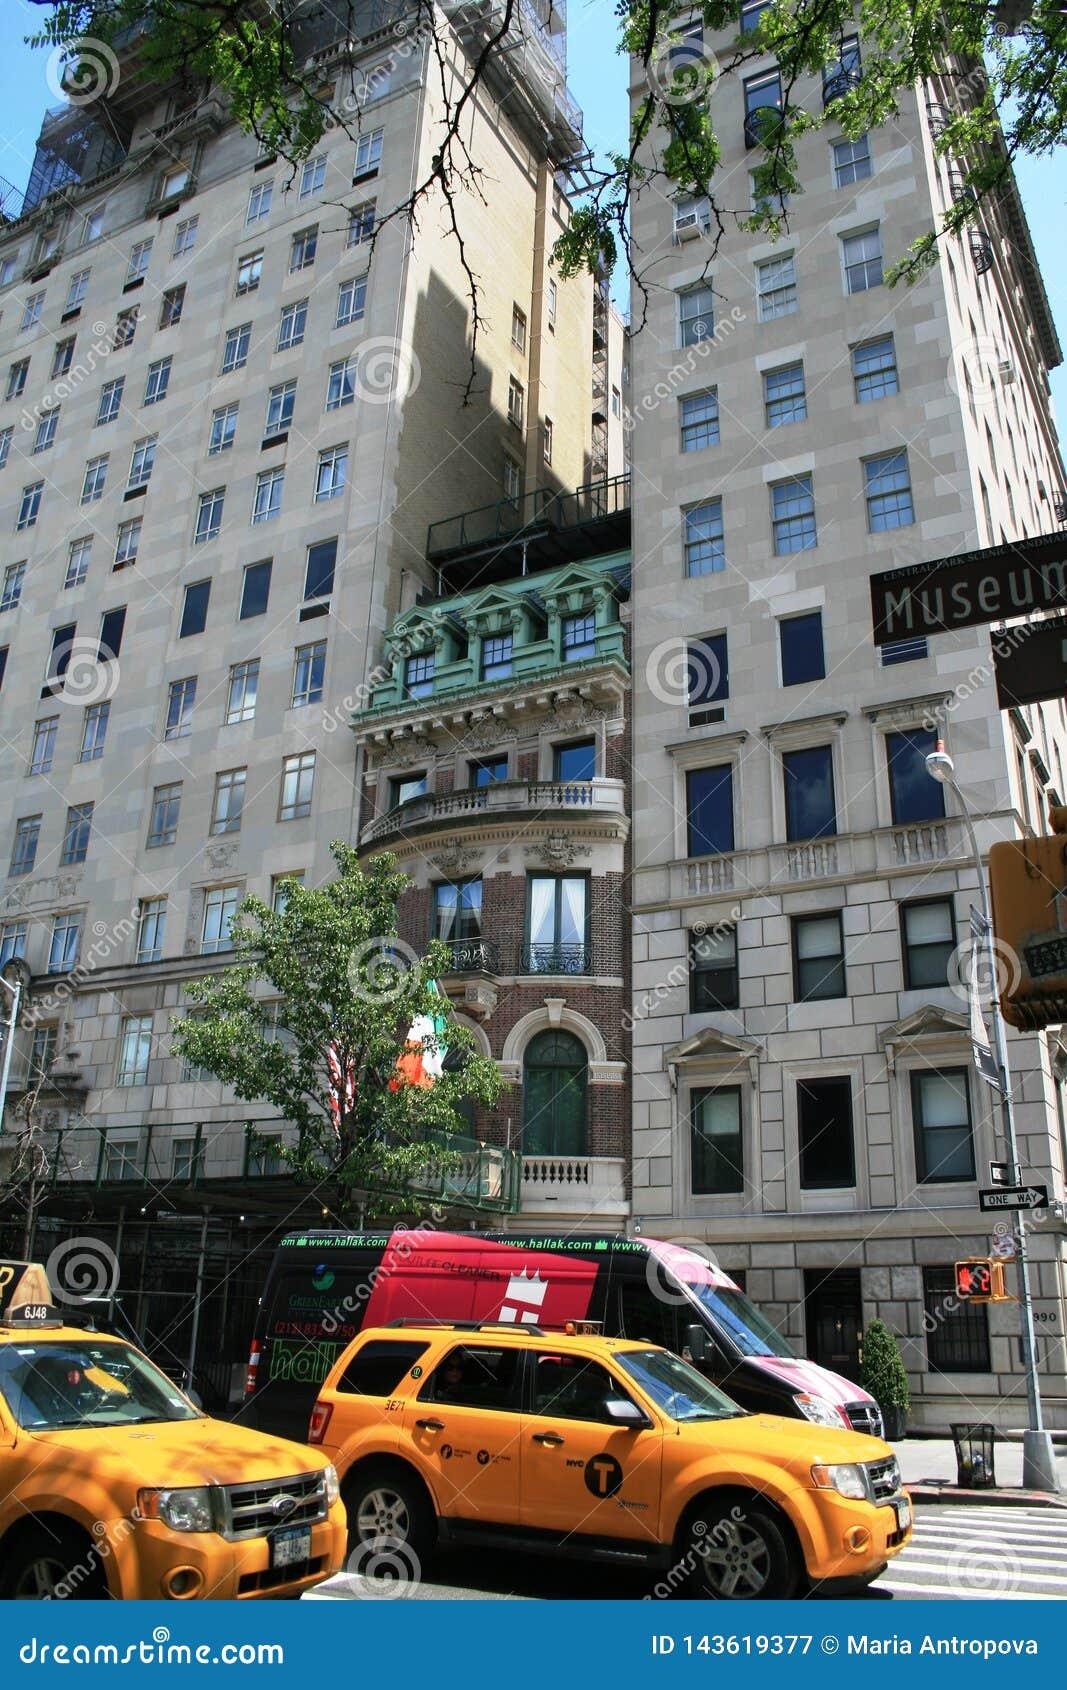 Νέα Υόρκη Νέα Υόρκη Ένα μικρό παλαιό σπίτι, που στριμώχνεται μεταξύ των καινούργιων σπιτιών